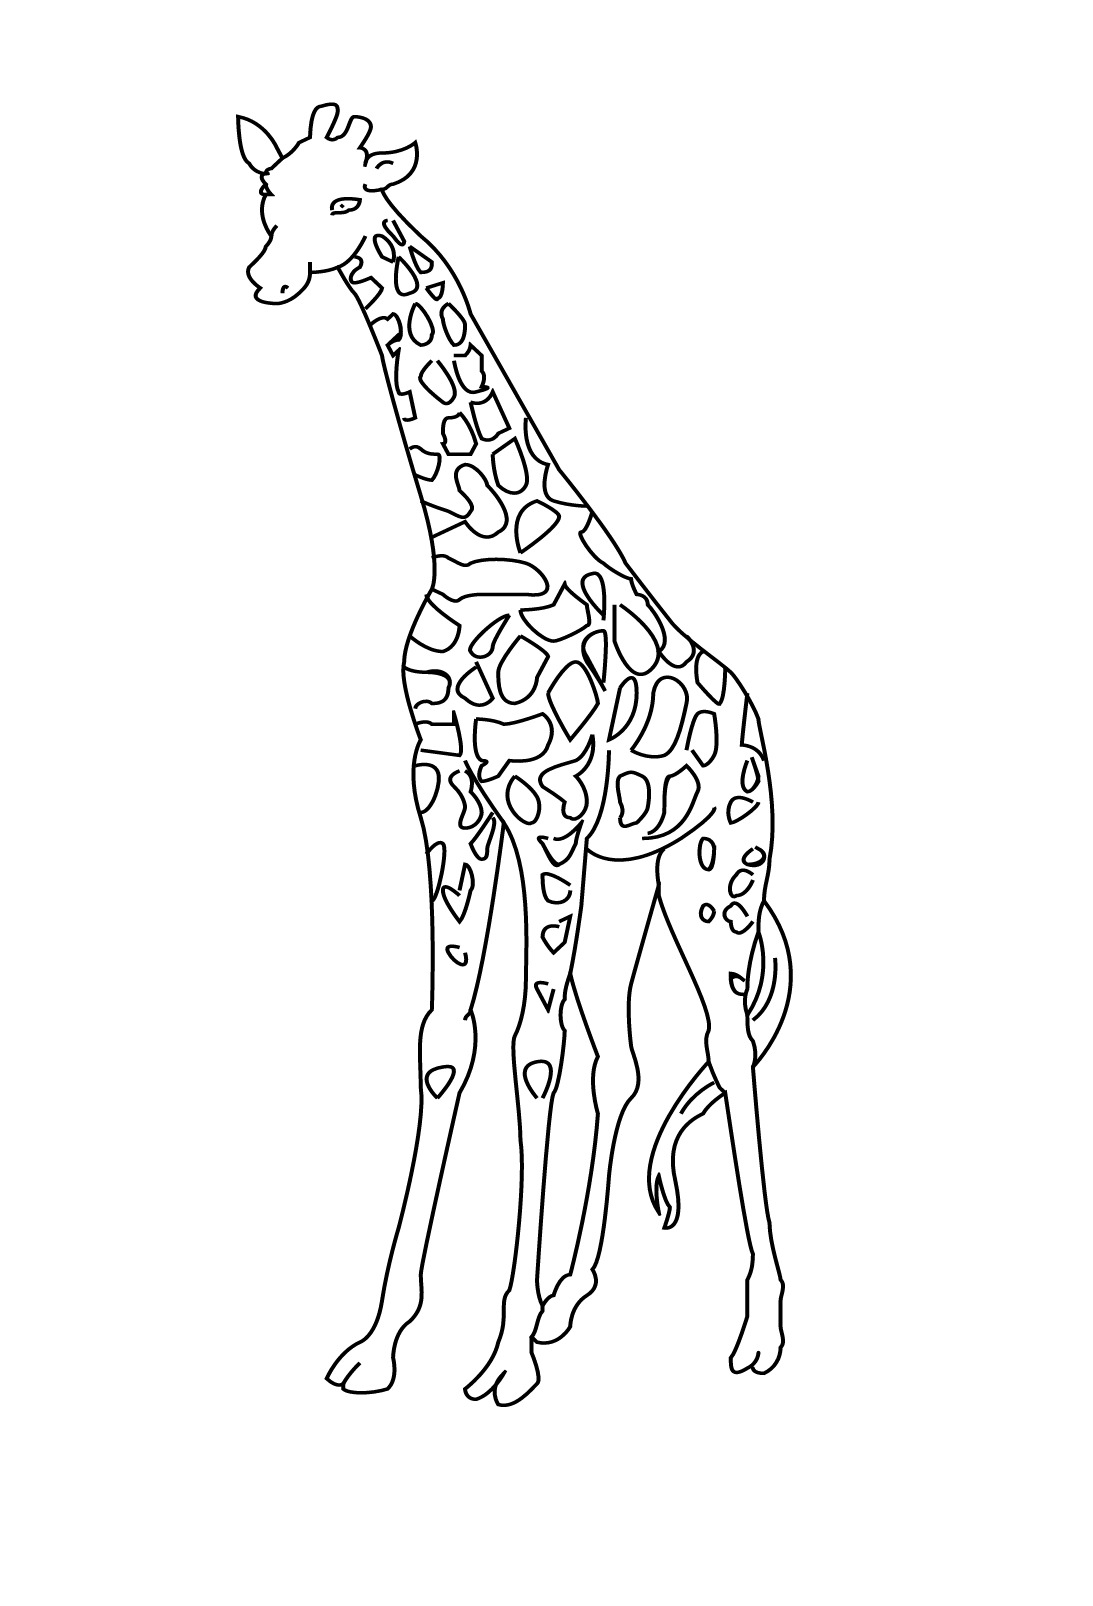 98 dessins de coloriage animaux sauvages imprimer - Animaux dessin images ...